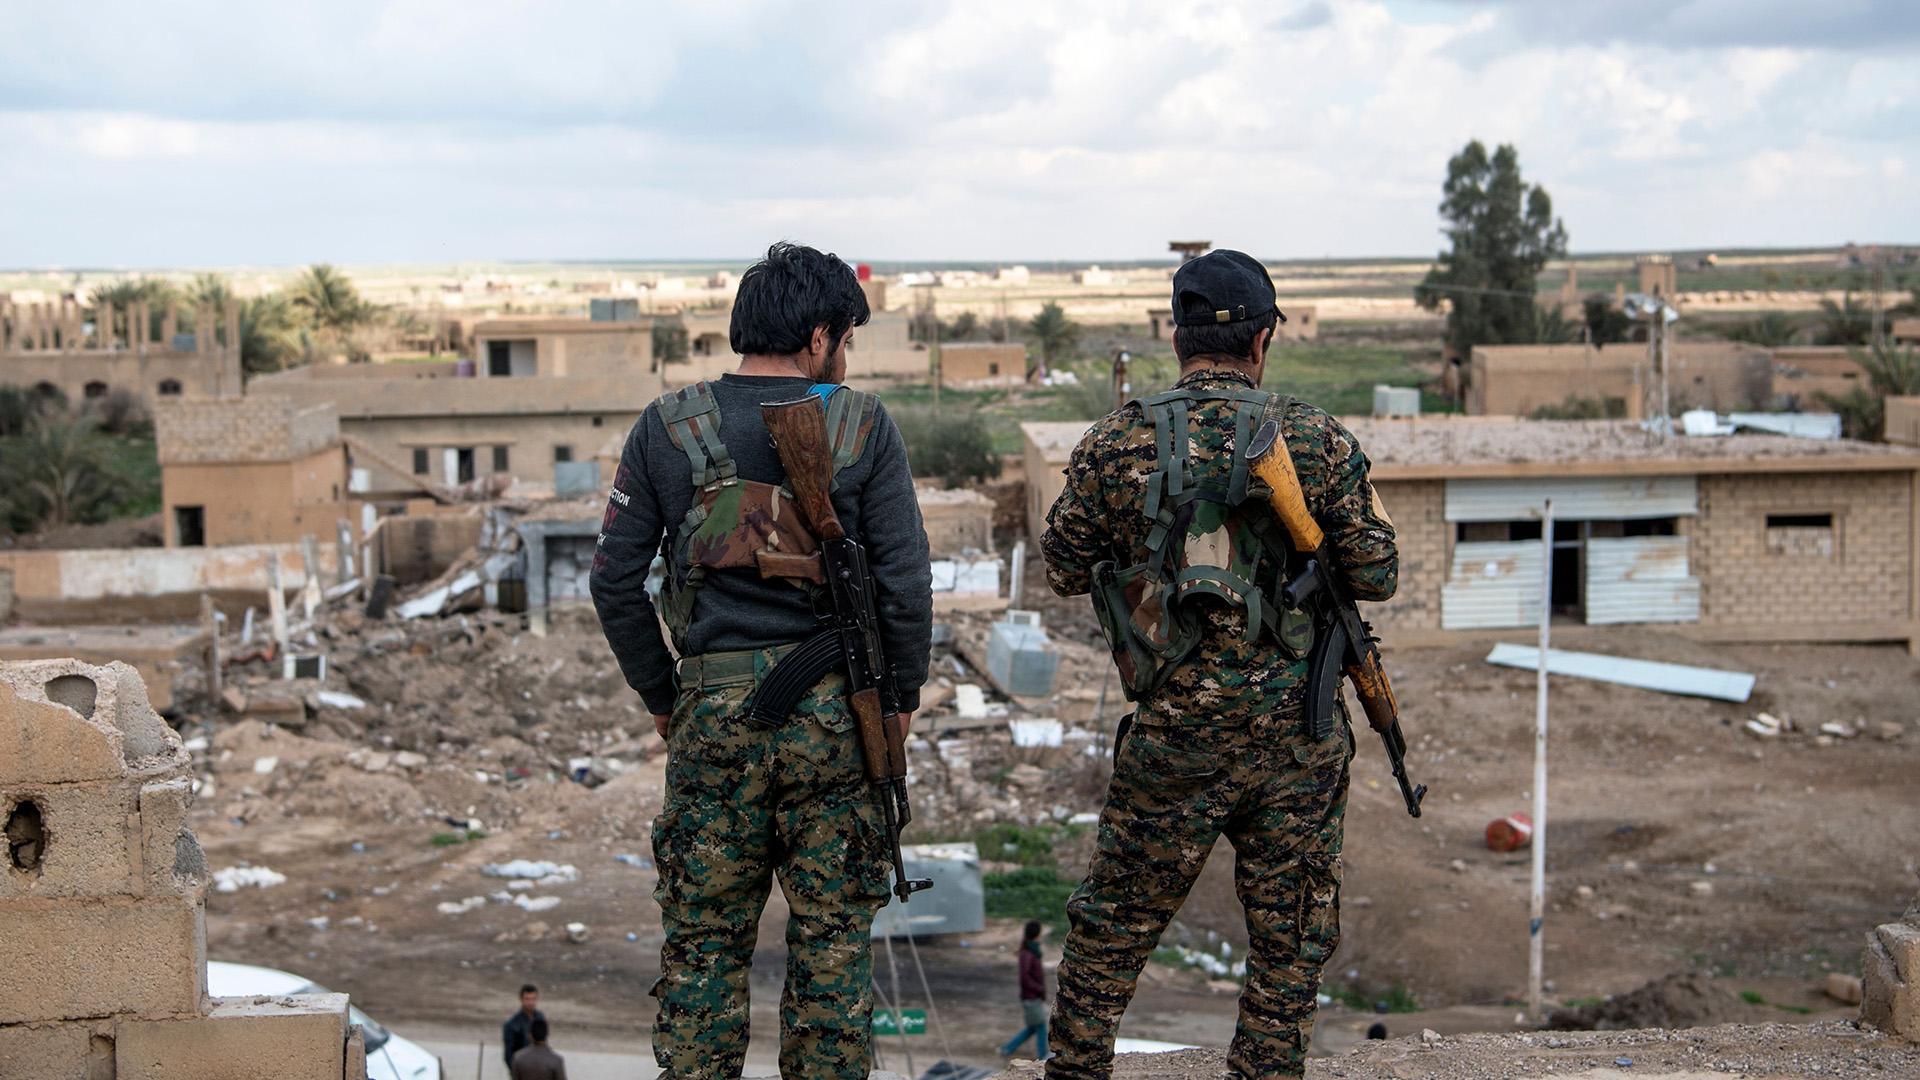 سوريا-..-الحرب-على-تنظيم-الدولة-